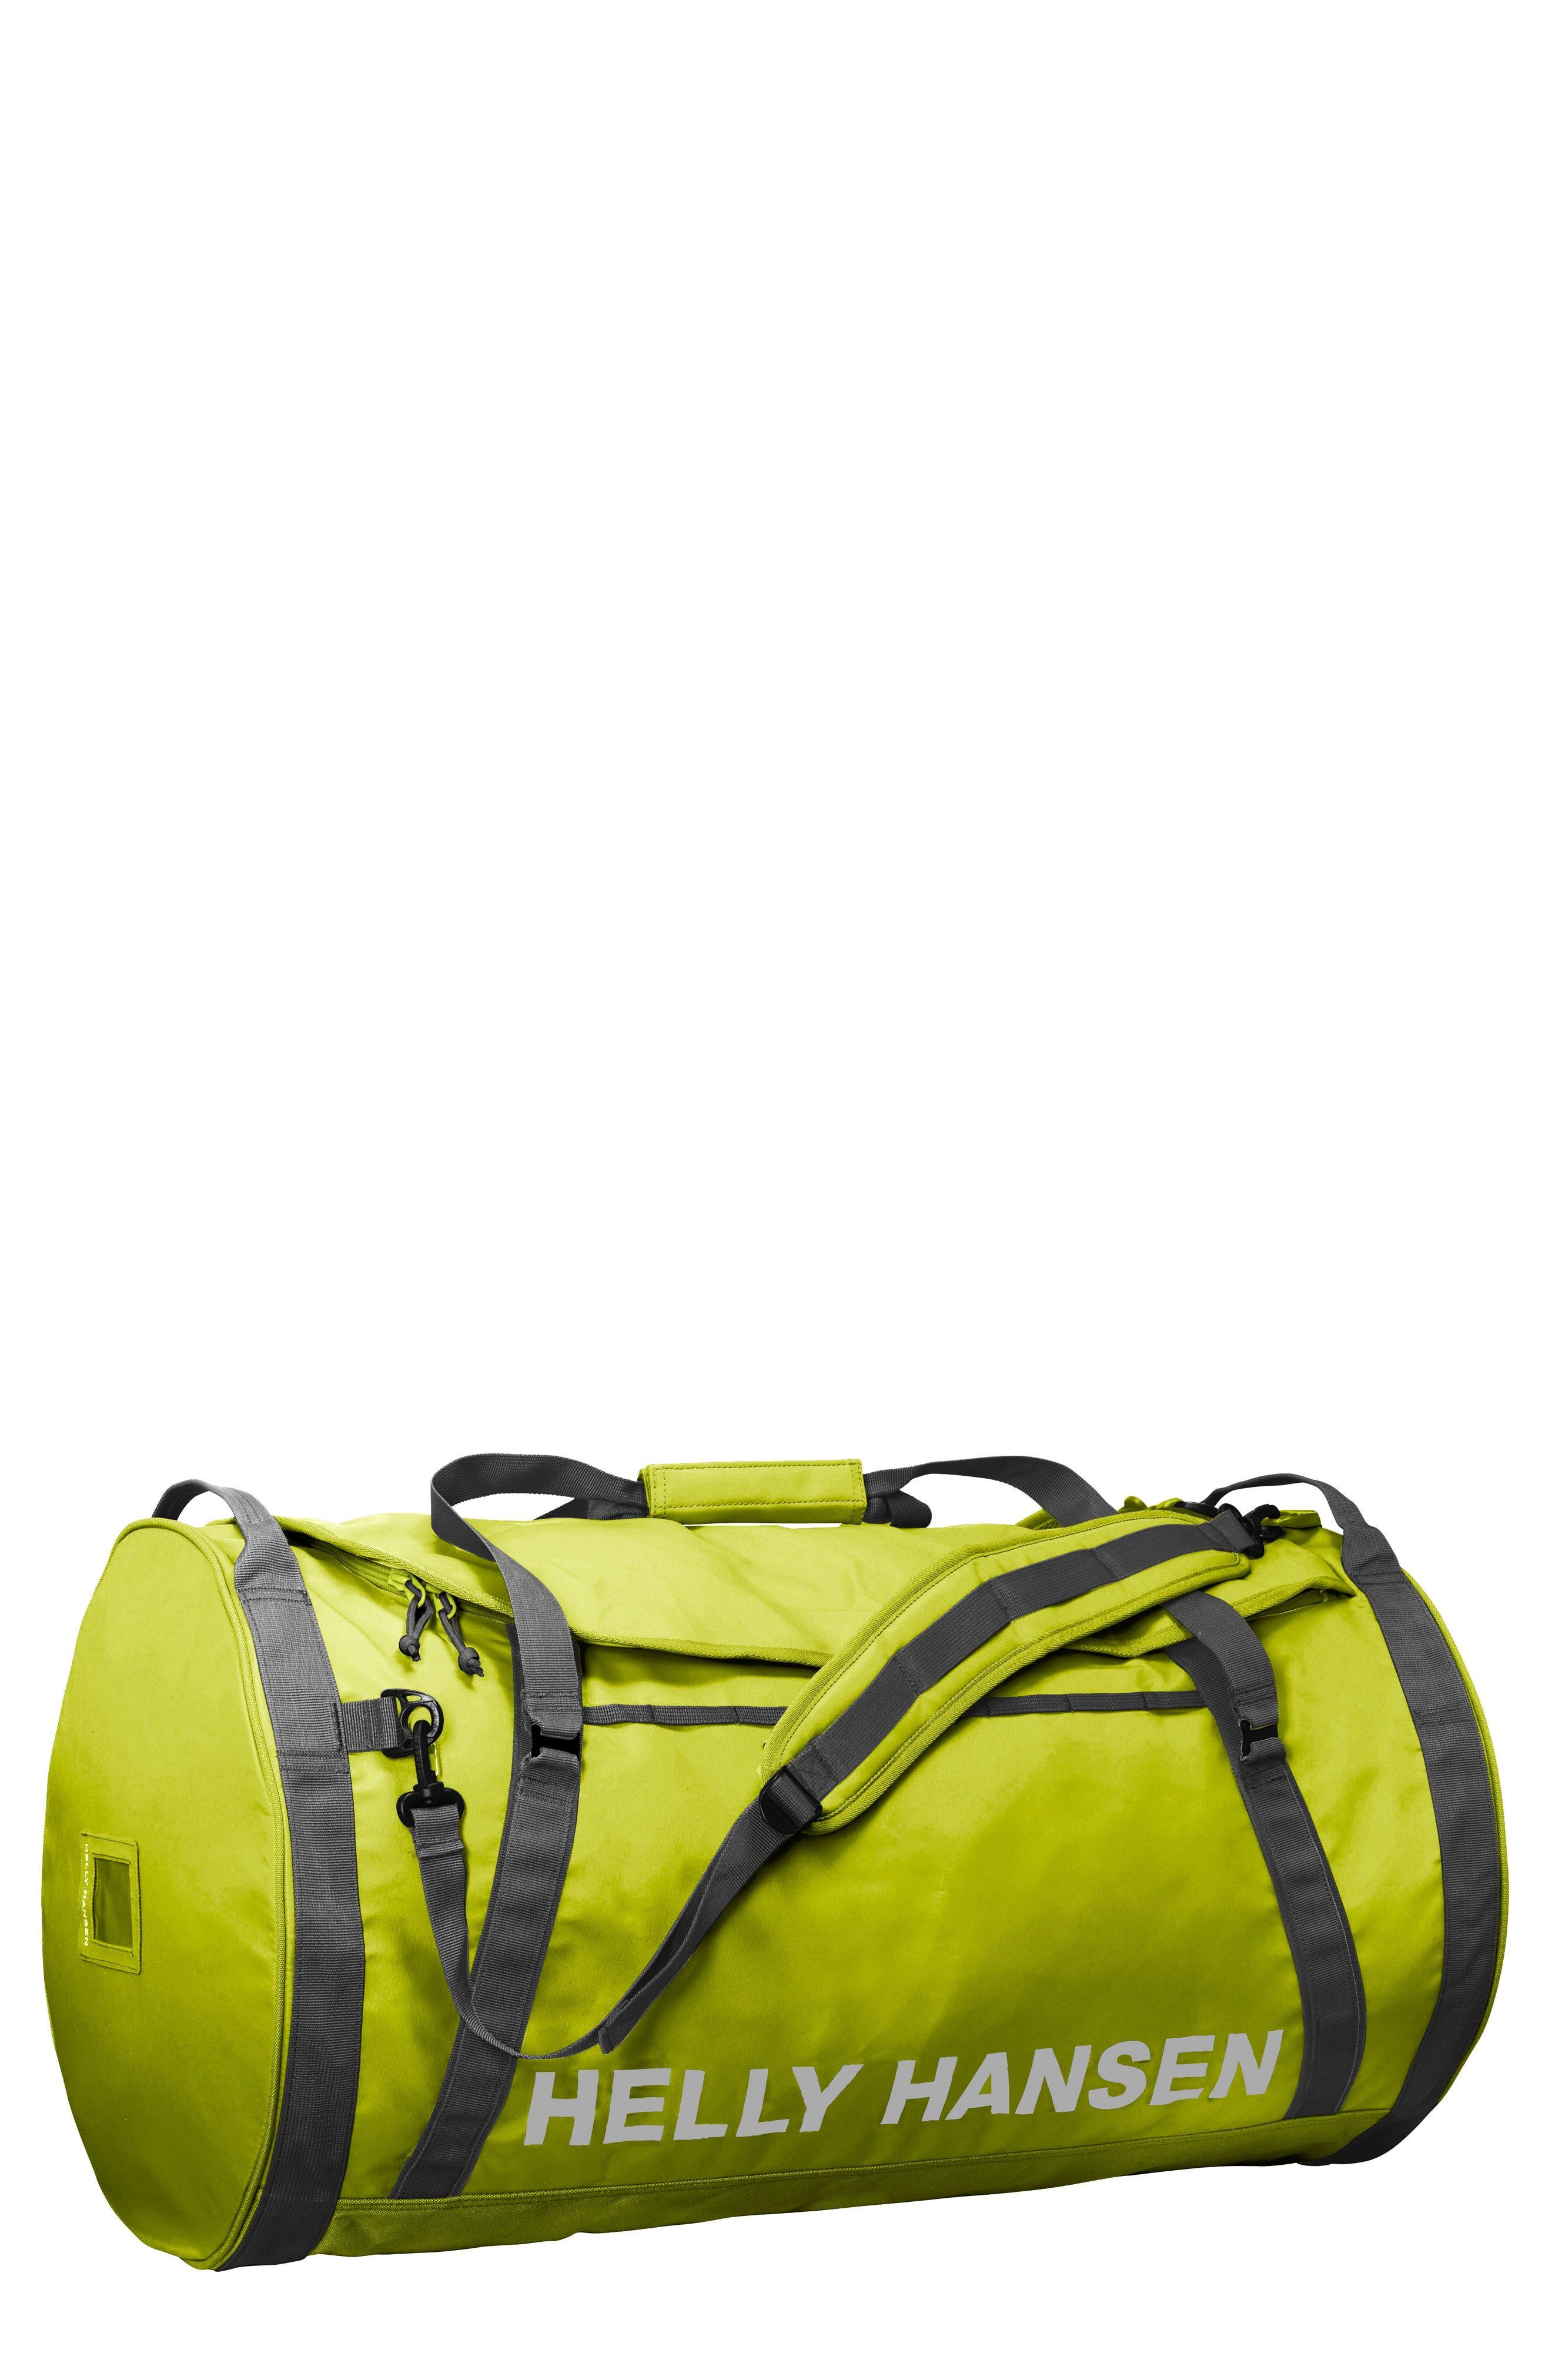 Helly Hansen 90-Liter Duffel Bag